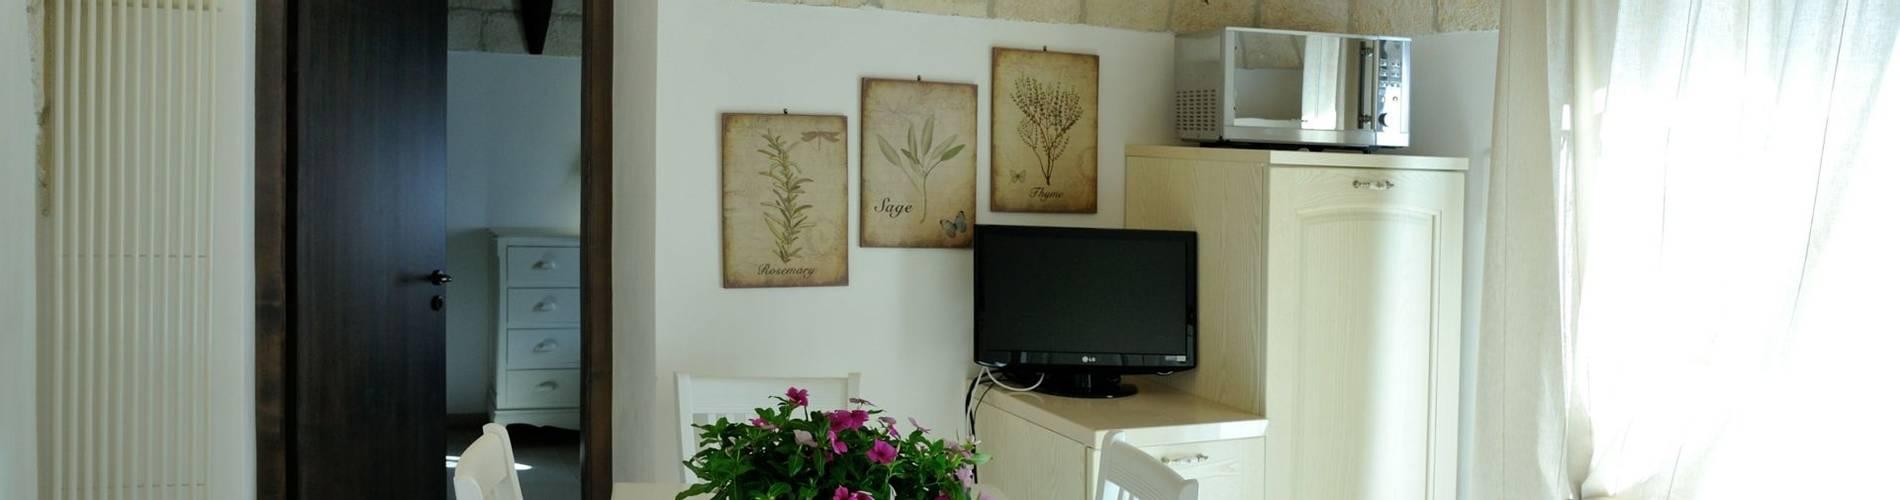 Borgo Delle Querce, Puglia, Italy, Luxury Suite (11).jpg